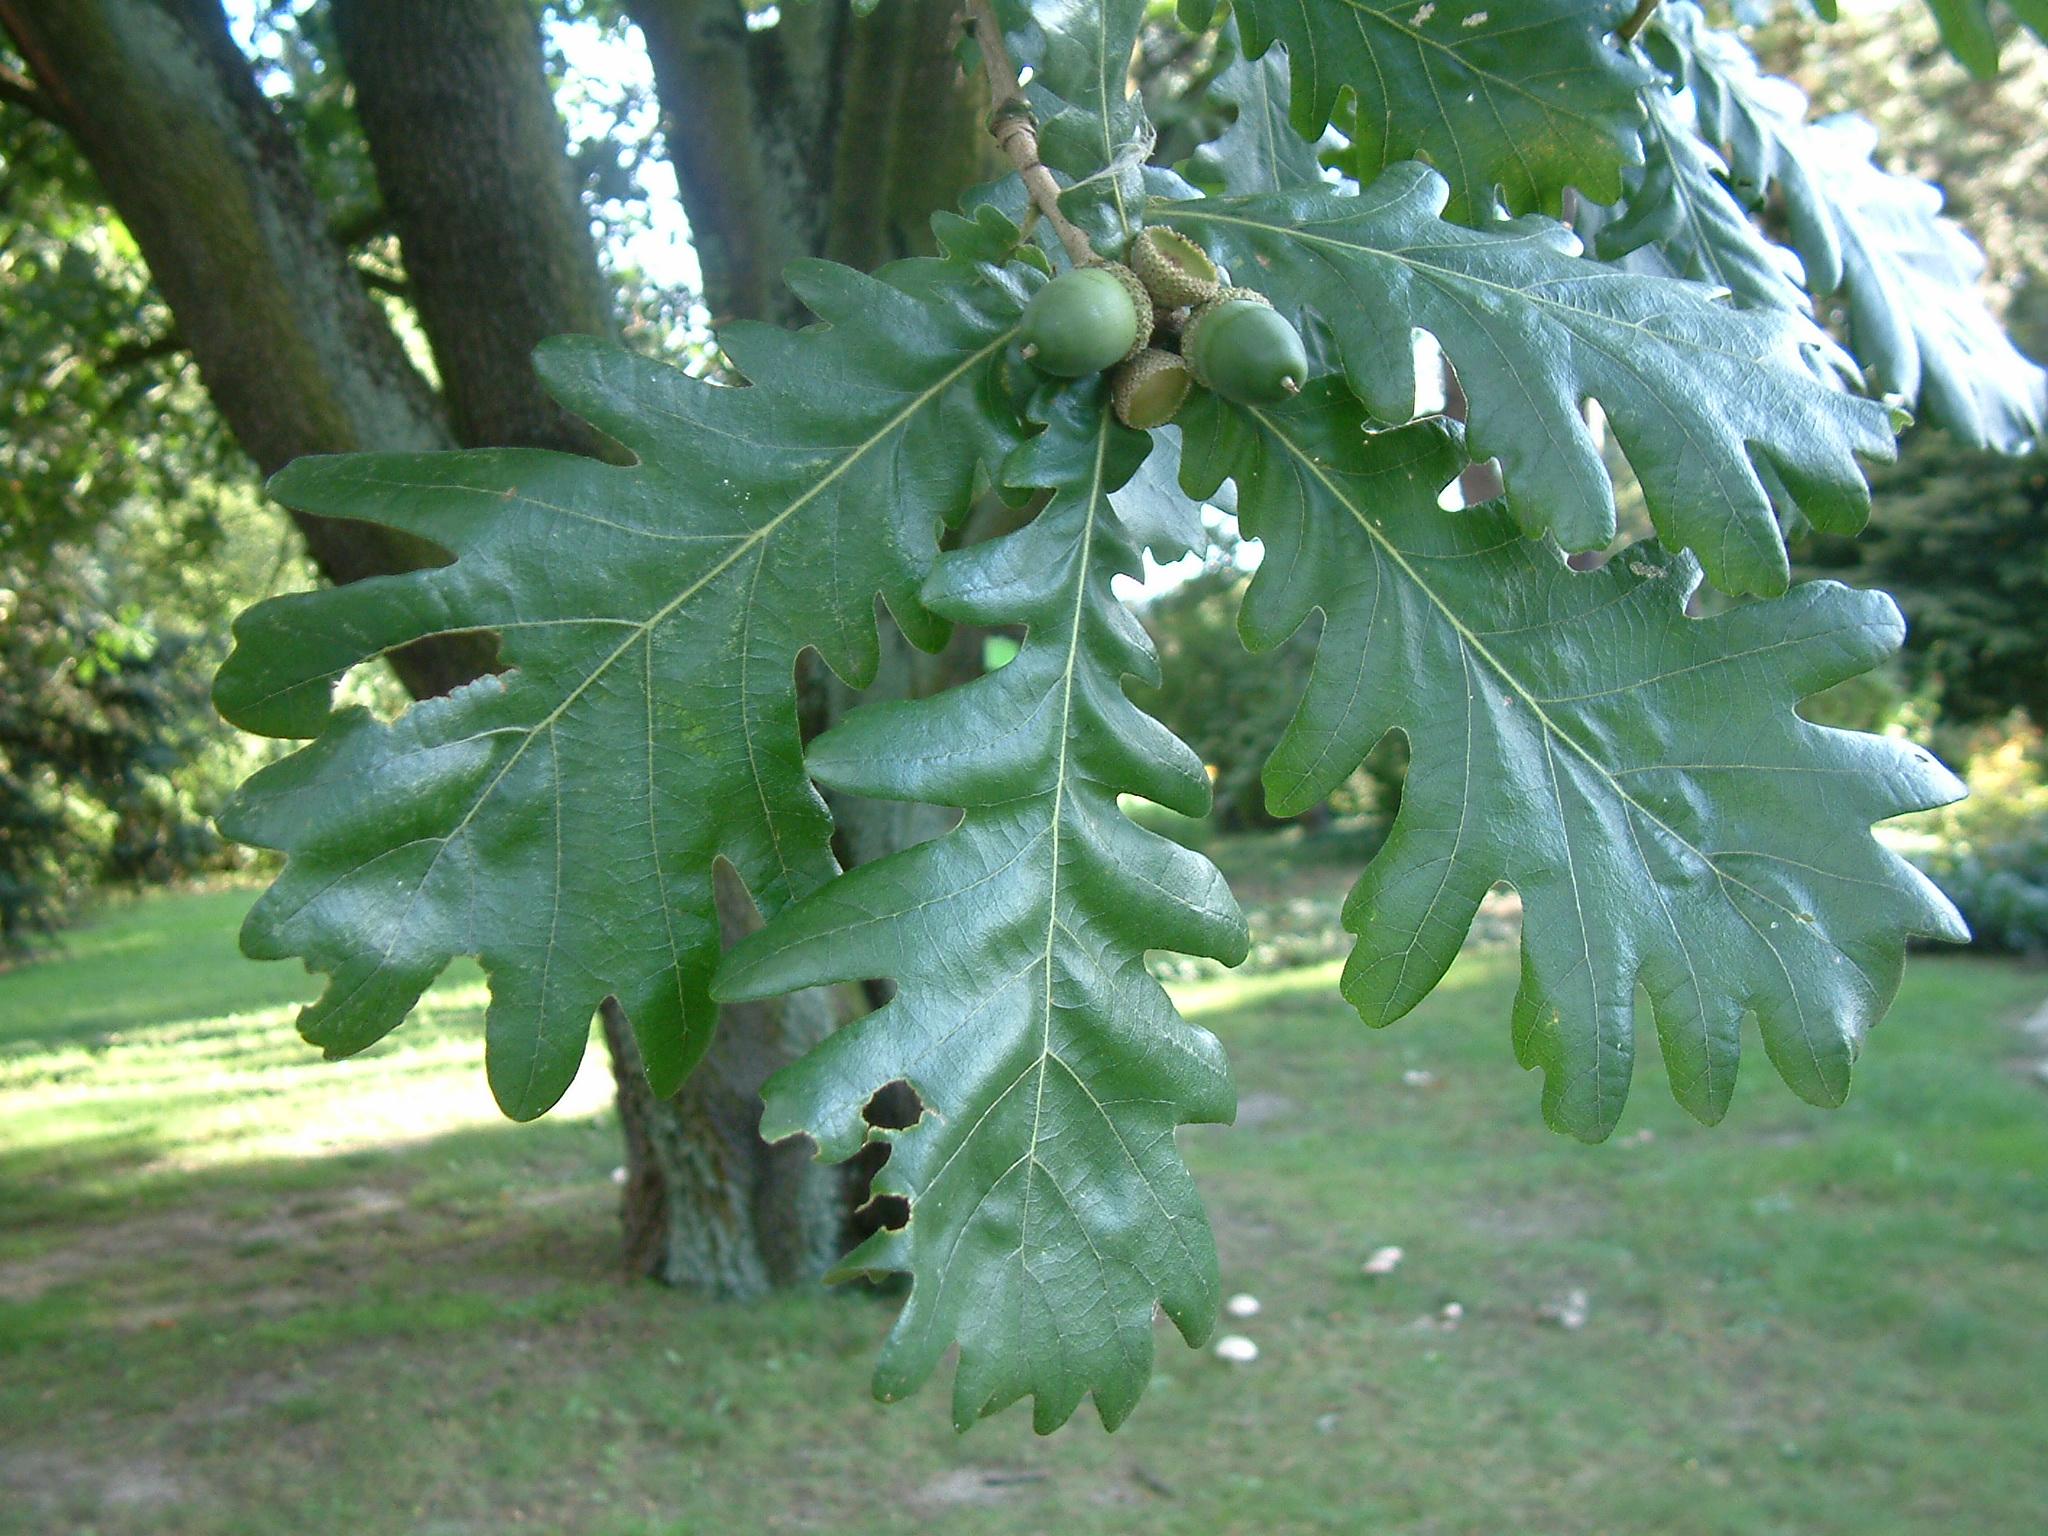 Листья деревьев дуб картинки